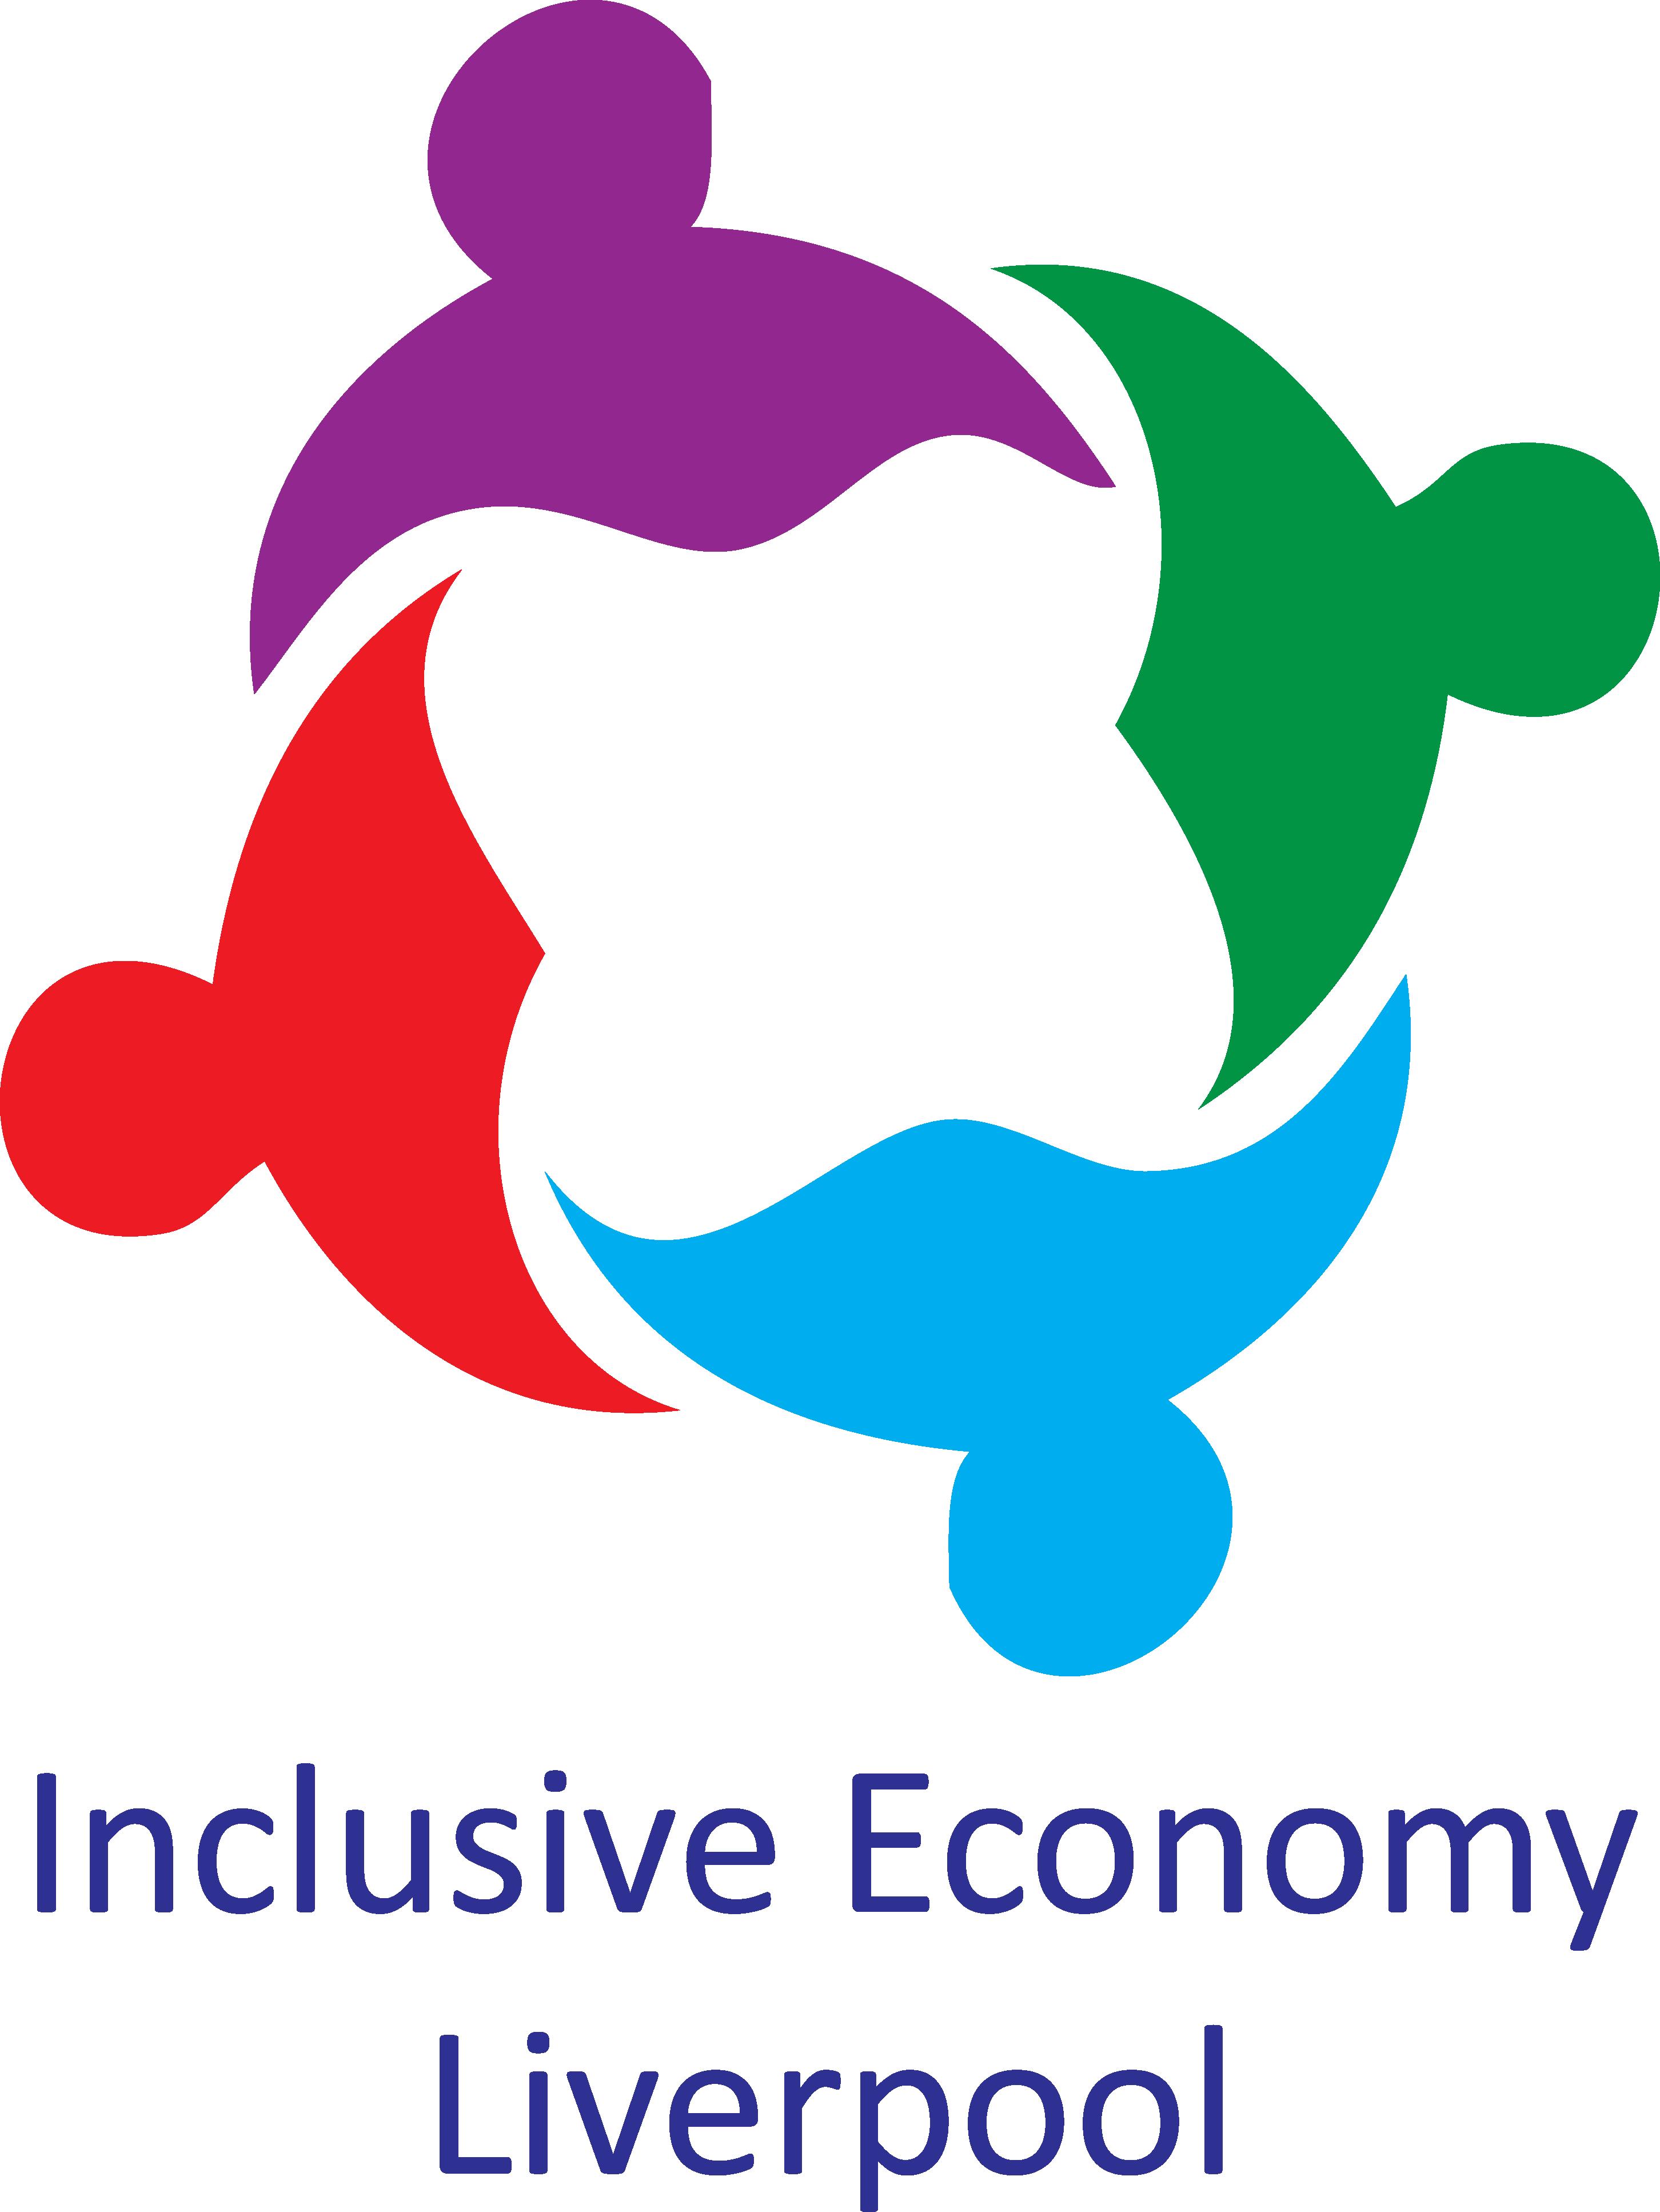 Inclusive Economy Liverpool